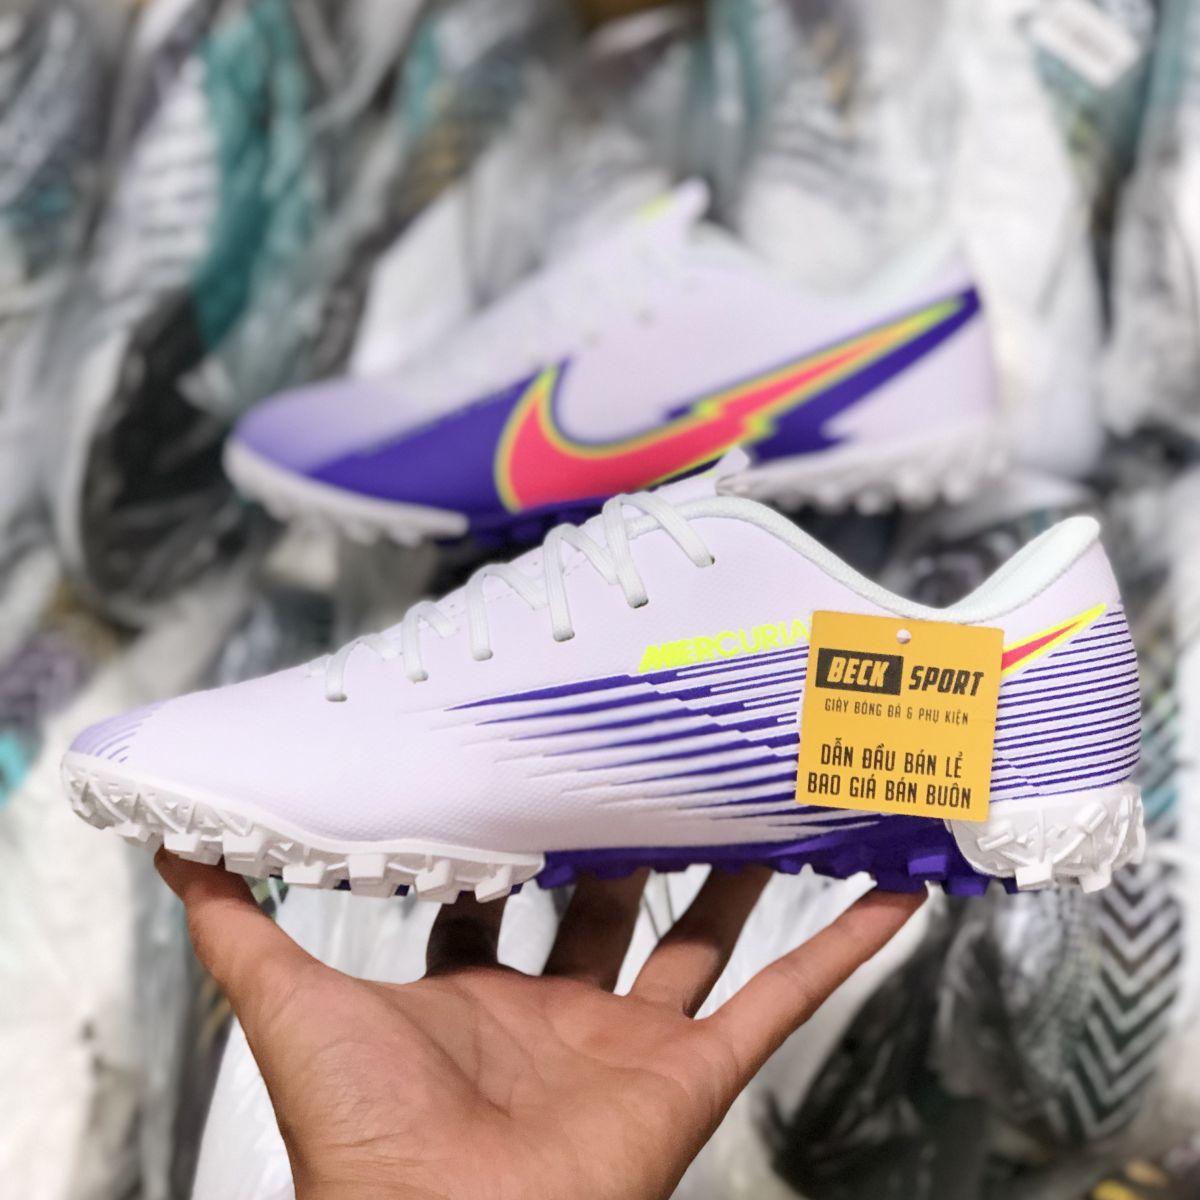 Giày Bóng Đá Nike Mercurial Vapor 13 Academy Trắng Tím Vạch Hồng V2 TF